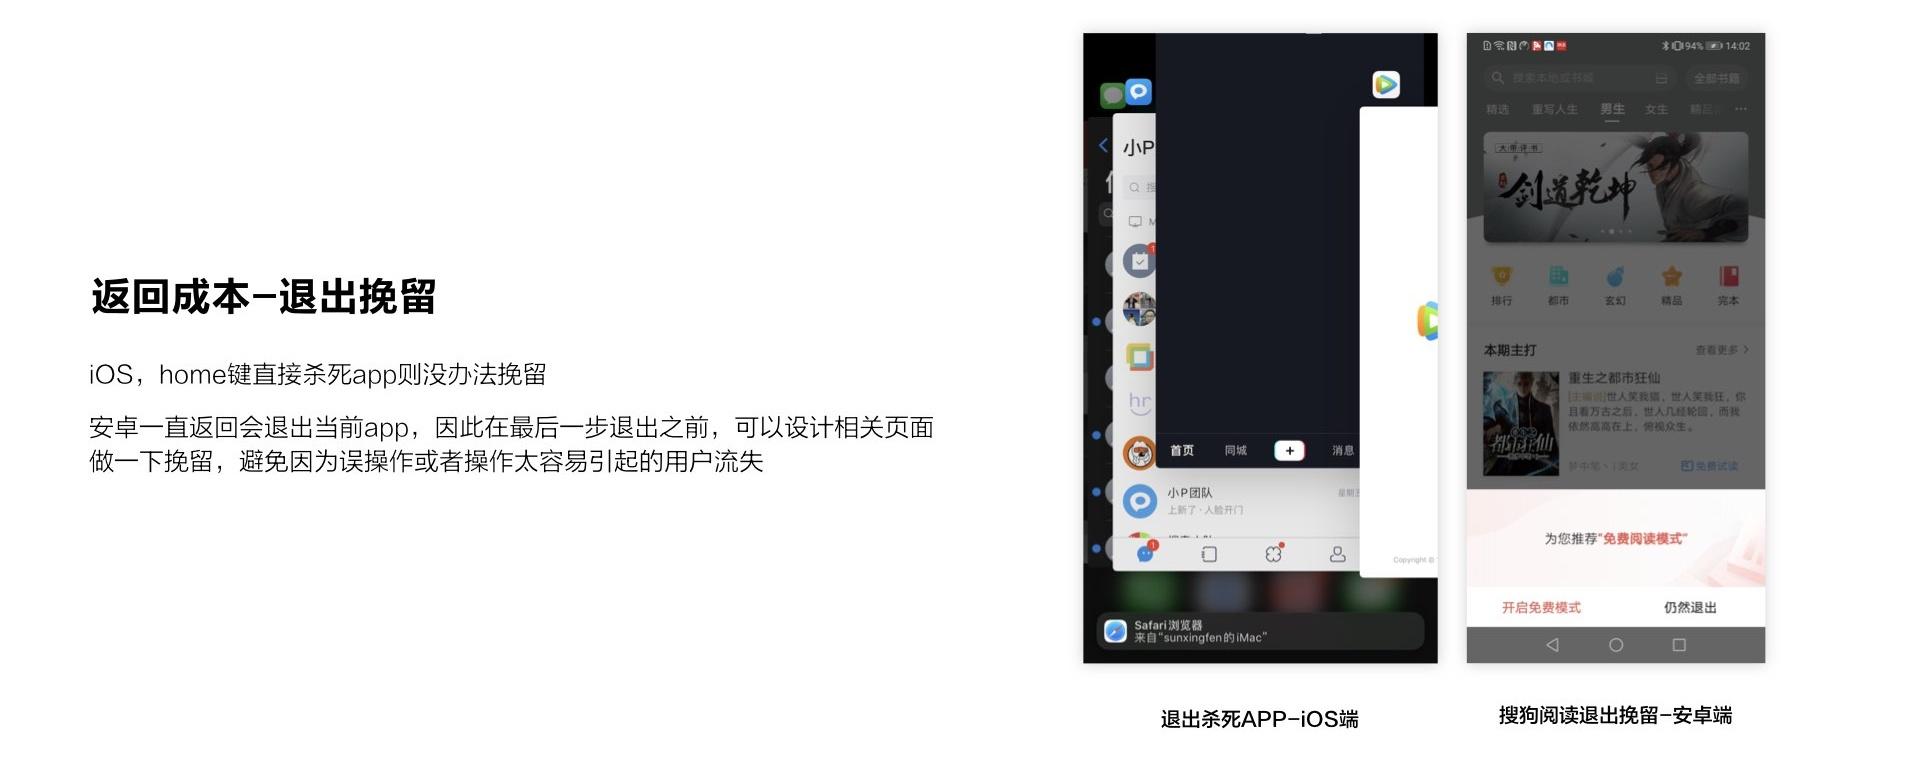 超长干货!帮你彻底搞懂 iOS 和 Android 的设计差异